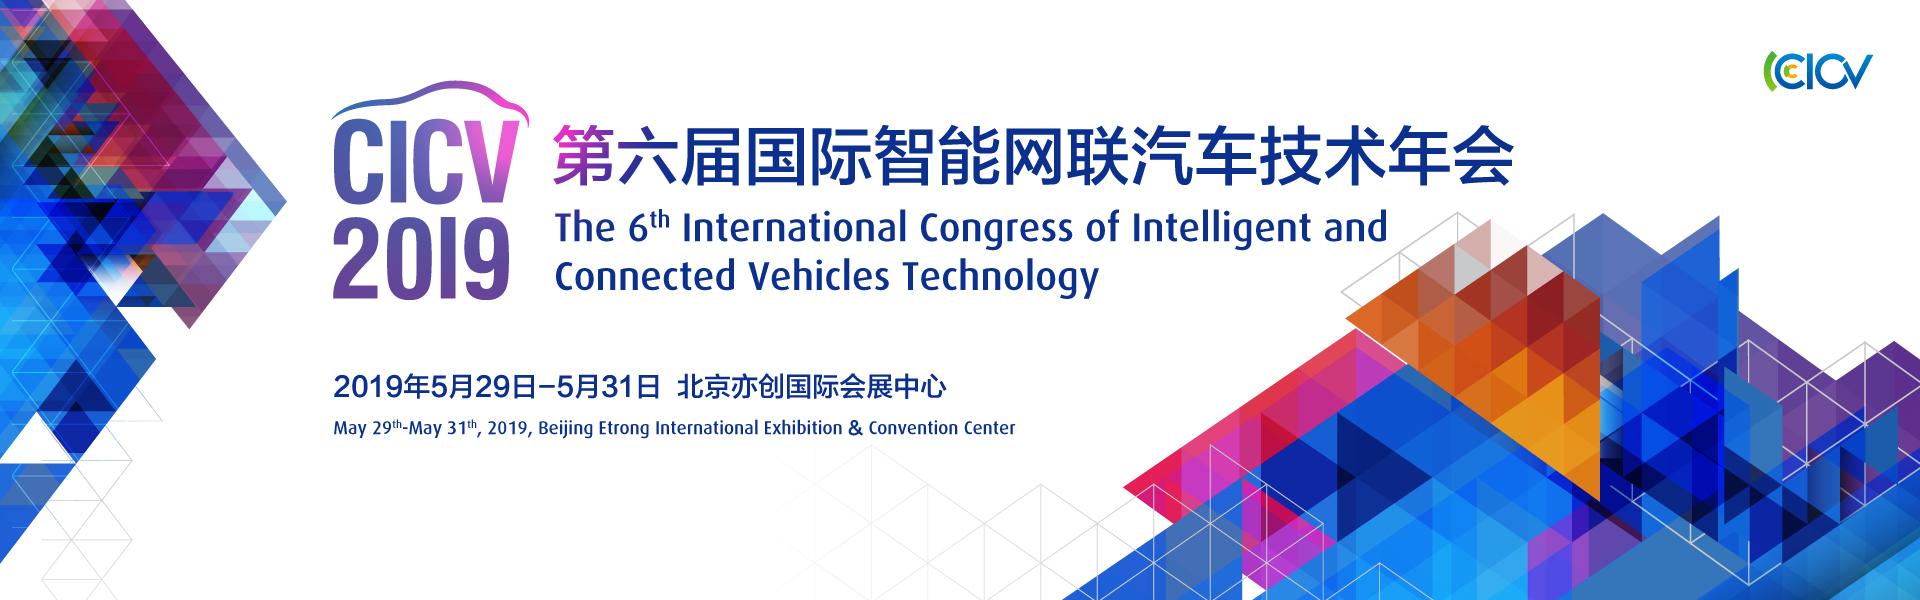 第六届国际智能网联汽车技术年会